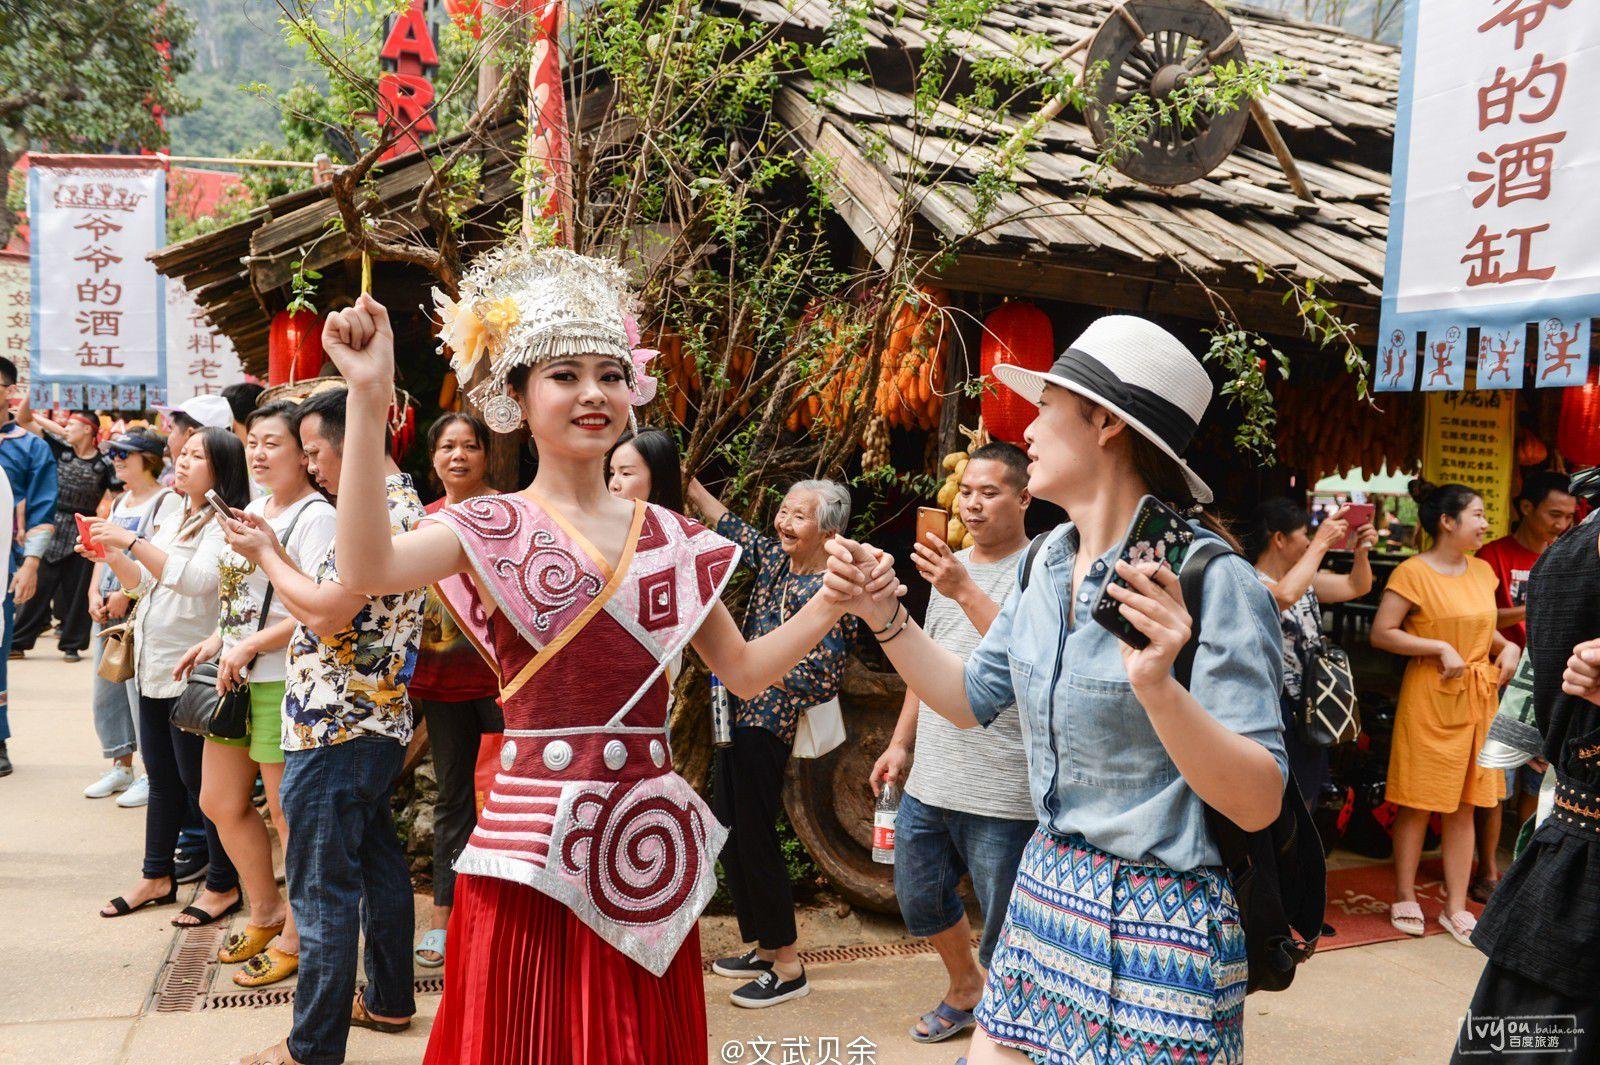 桂林旅游攻略图片56手机逃脱版密室攻略1图片